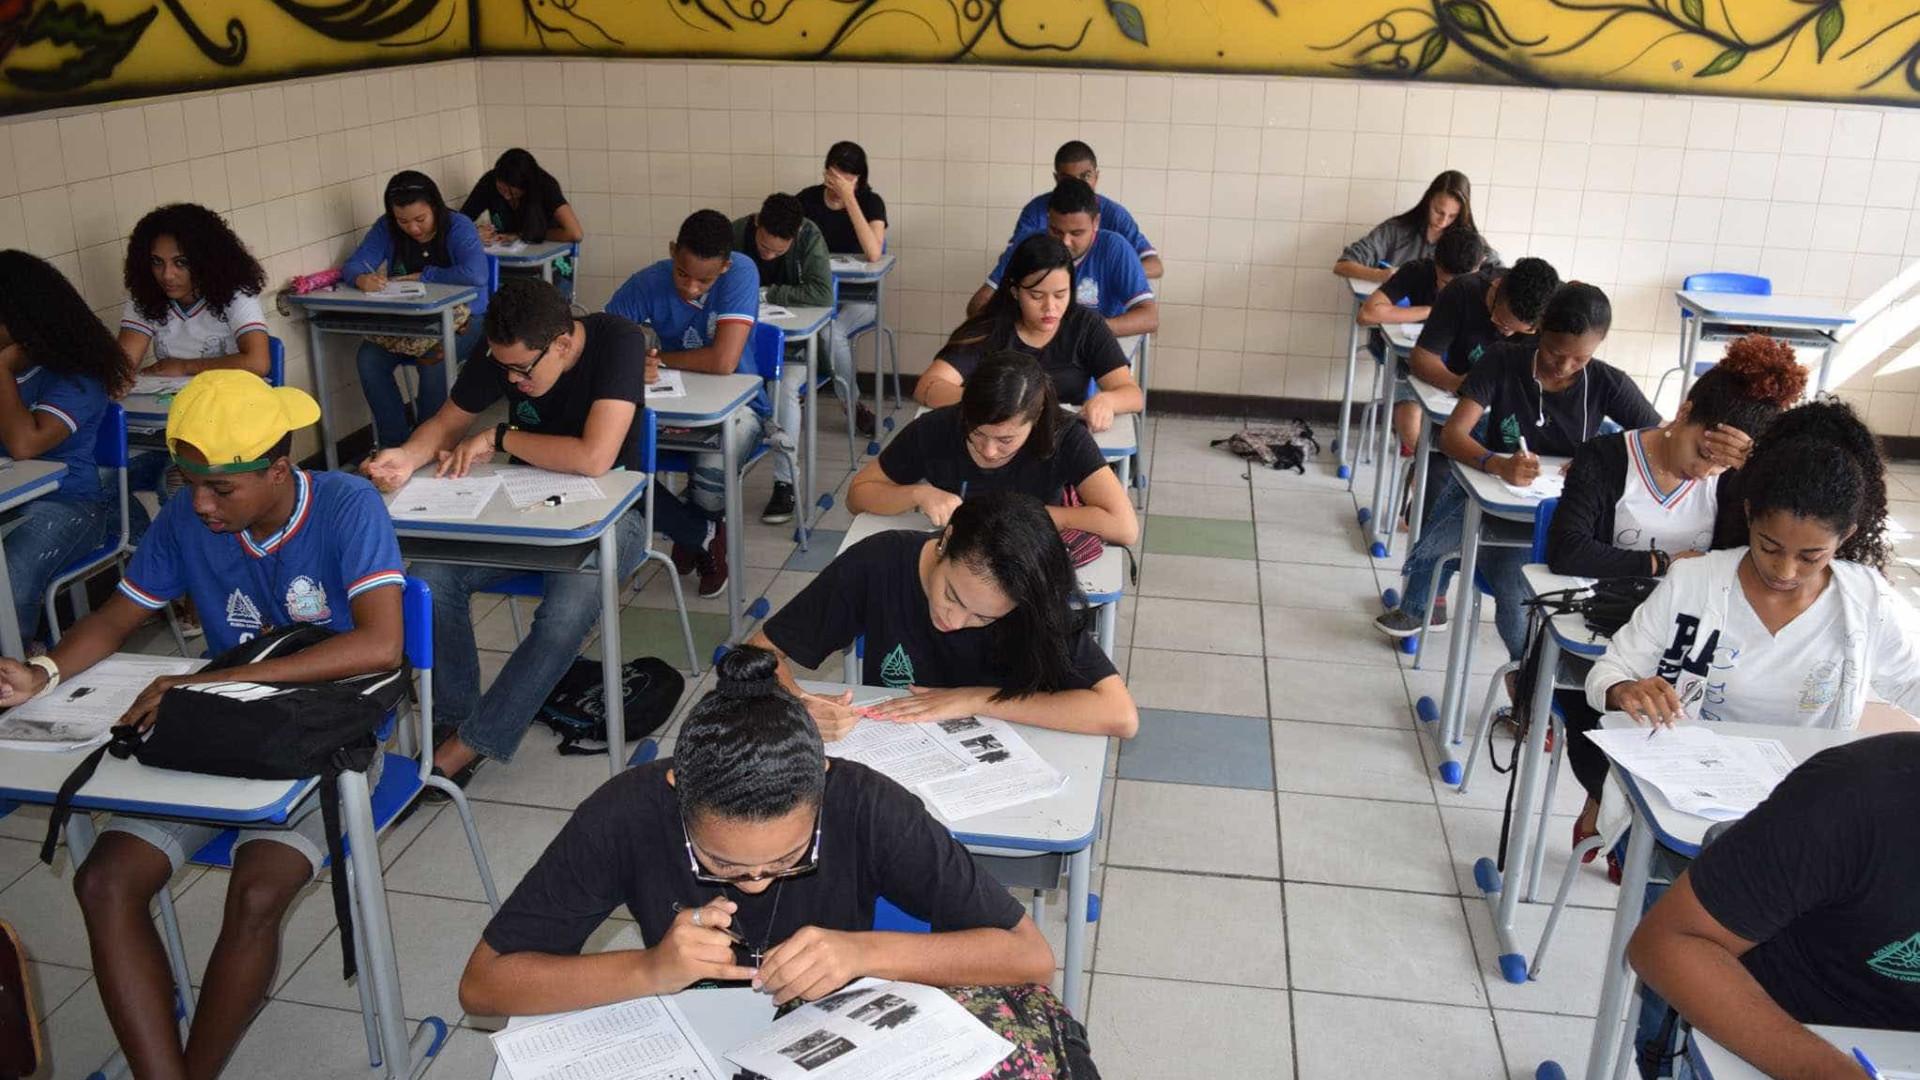 Mais da metade dos adultos brasileiros não chegam ao ensino médio